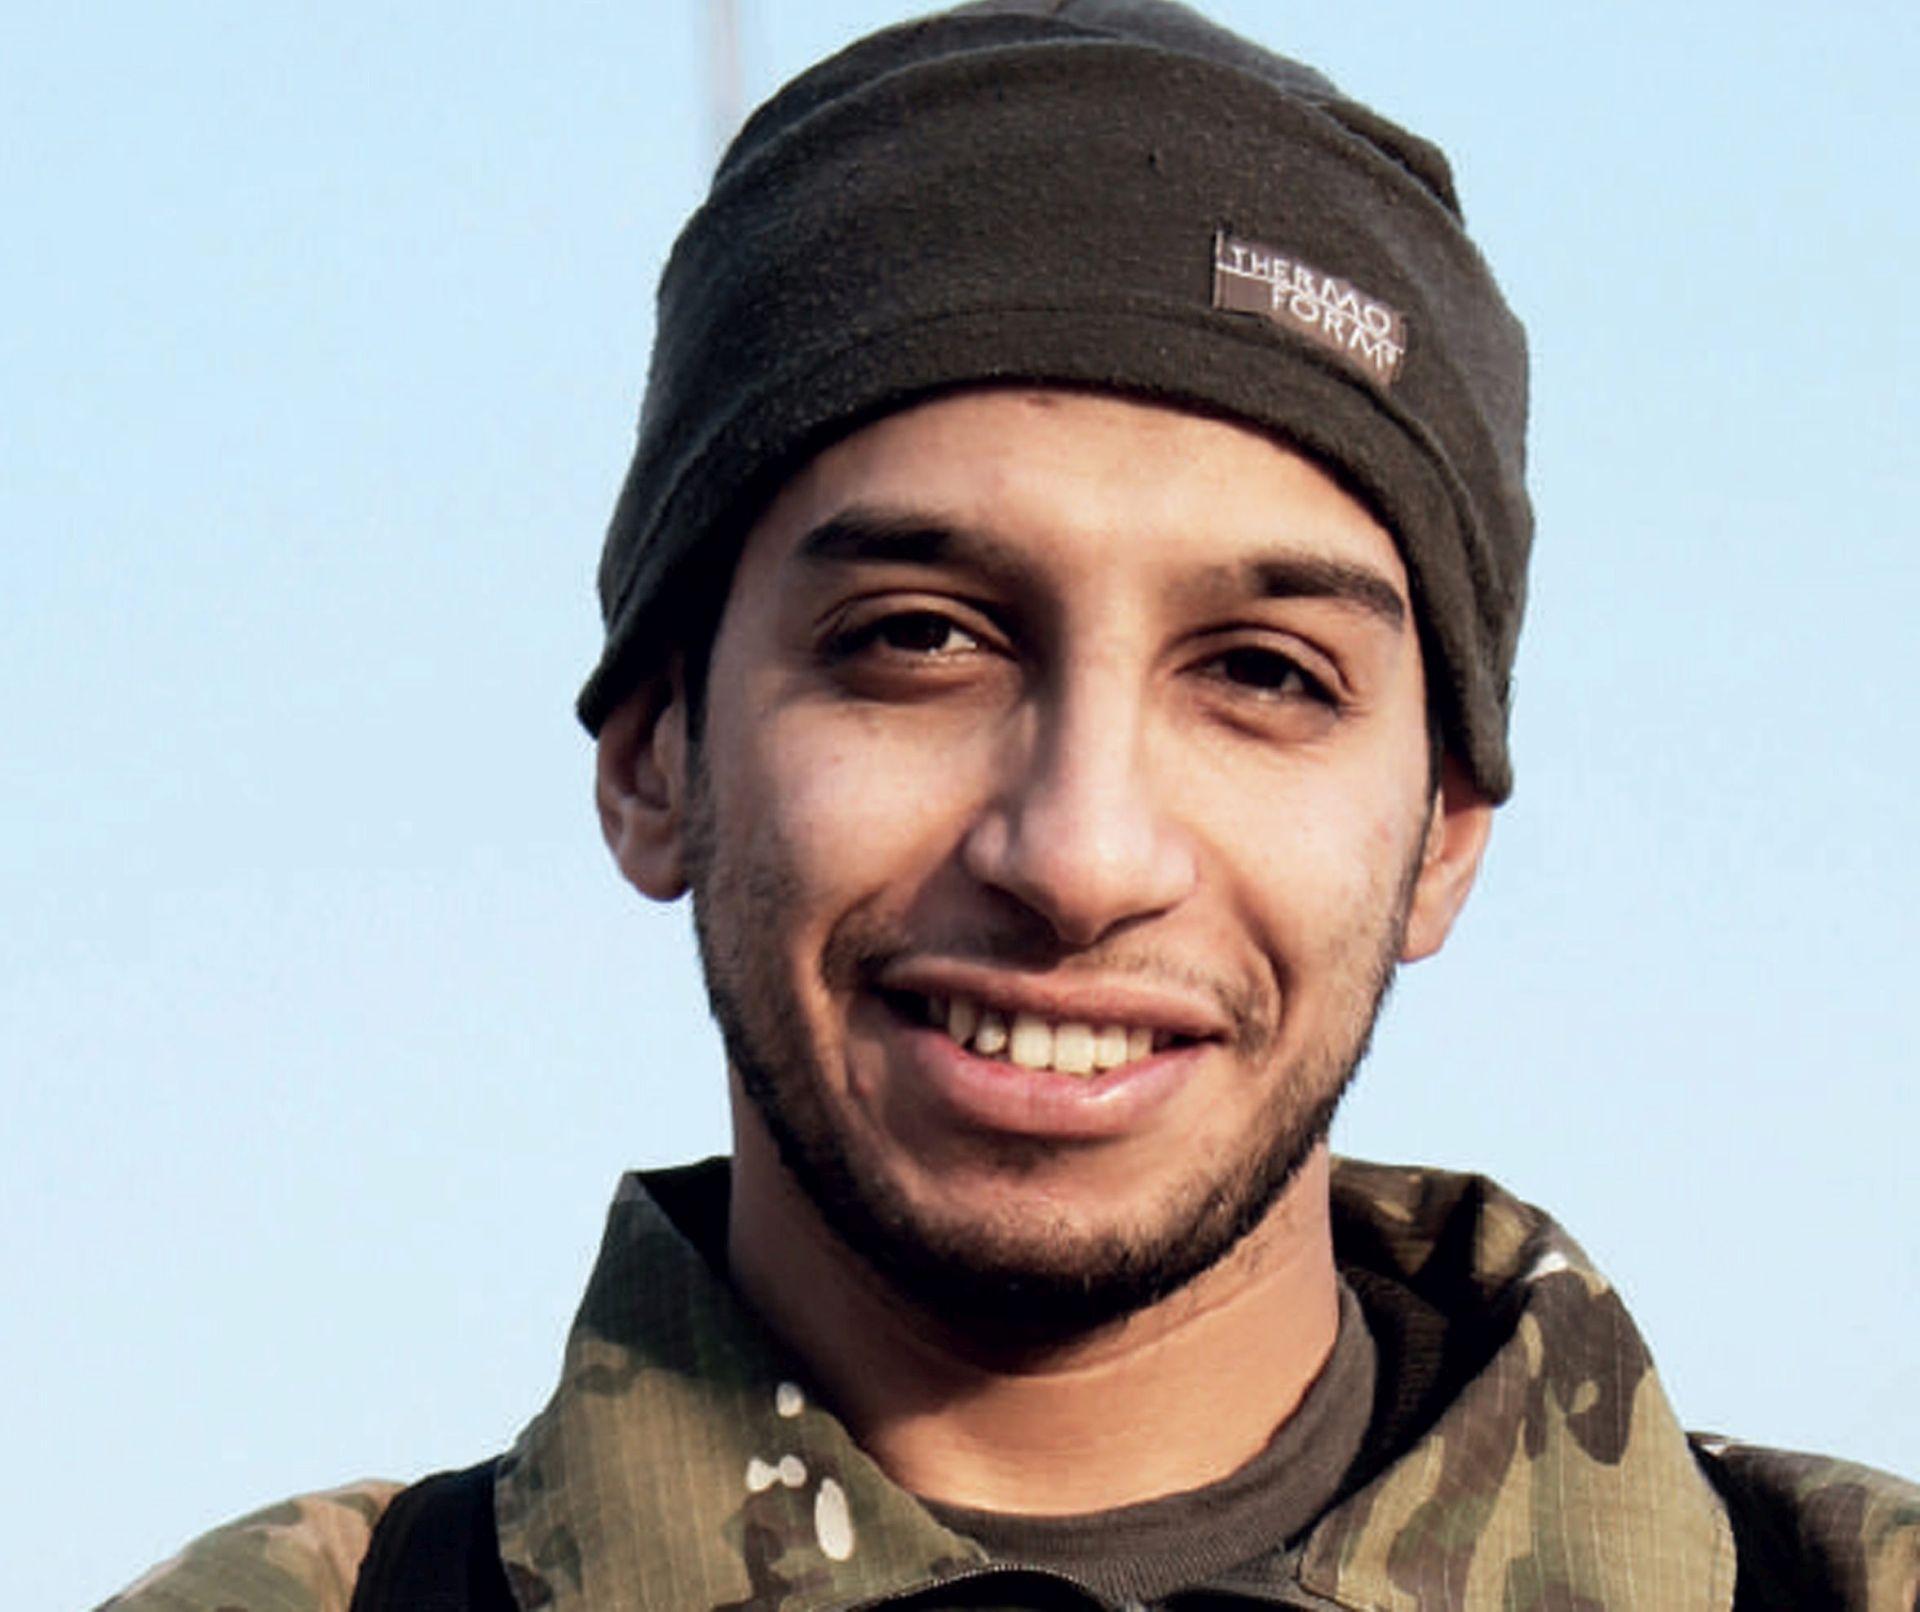 VELIKI PROPUST Policija istražuje kako se Abaaoud mogao vratiti iz Sirije a da nitko nije primjetio